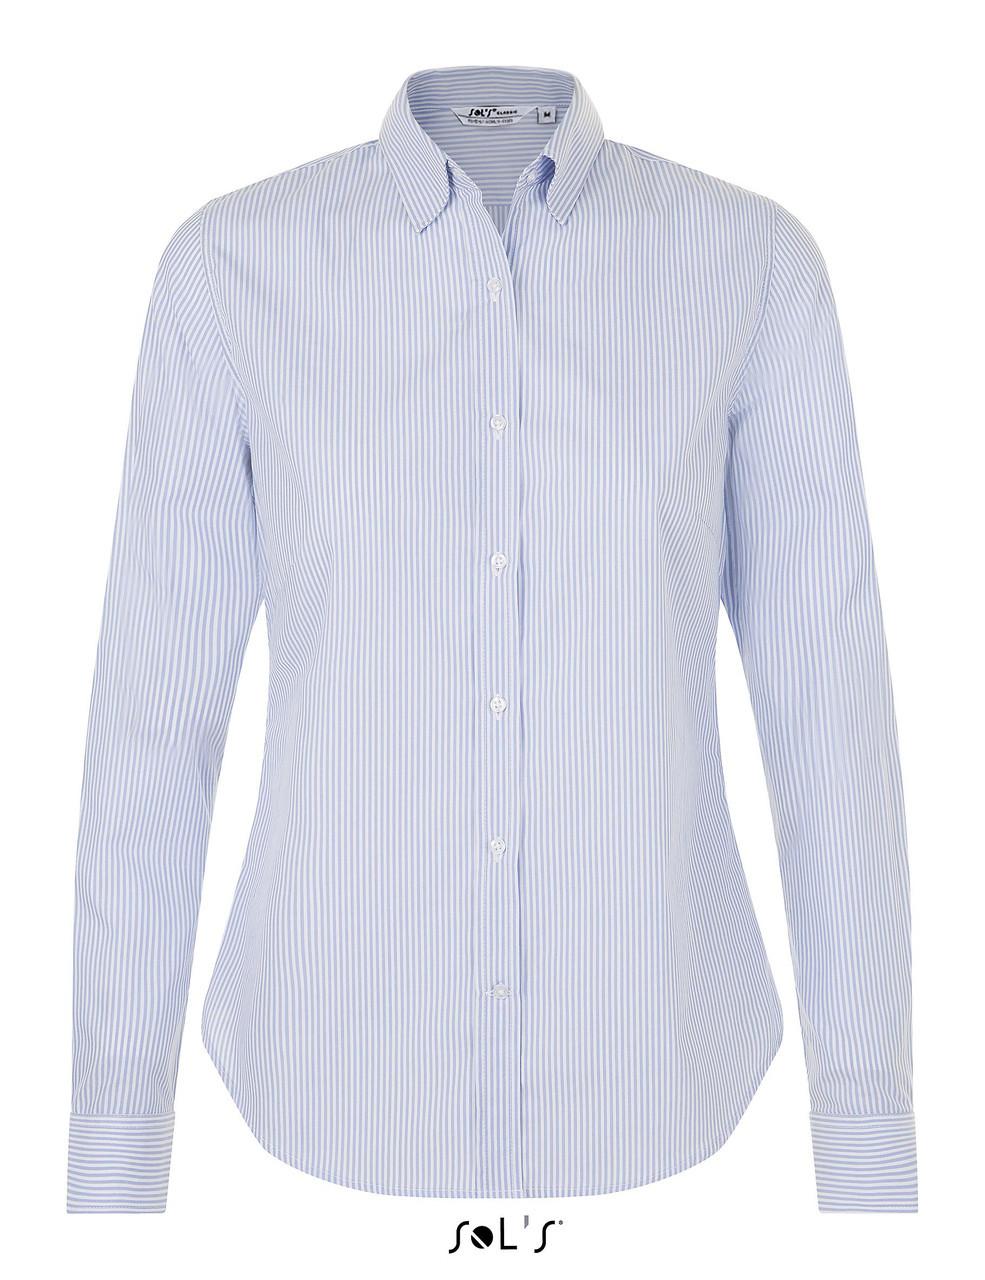 Рубашка мужская BEVERLY WOMEN, цвет голубой 504, размер S